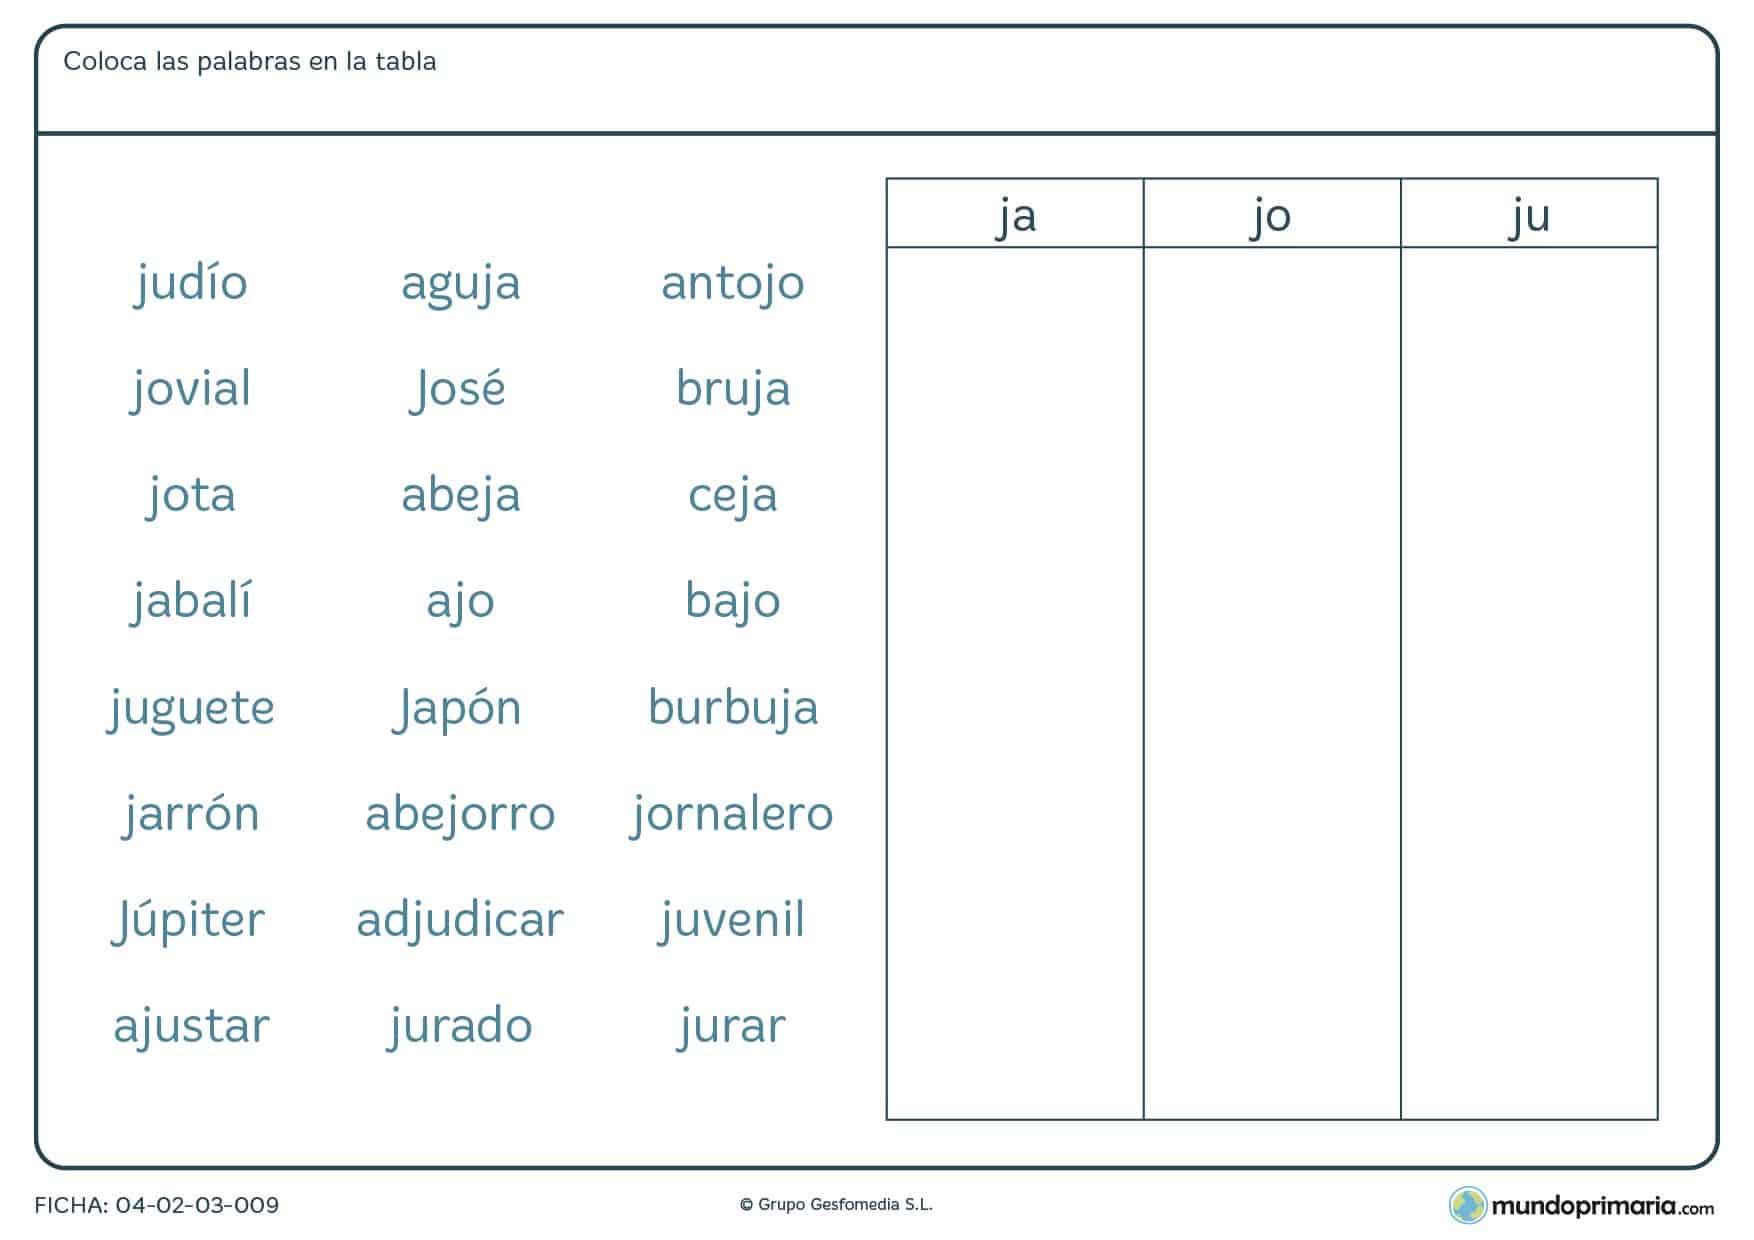 Ficha de colocar las palabras según sus sílabas en la que debes identificar las sílabas que se piden y colocar la palabra en la columna correspondiente.